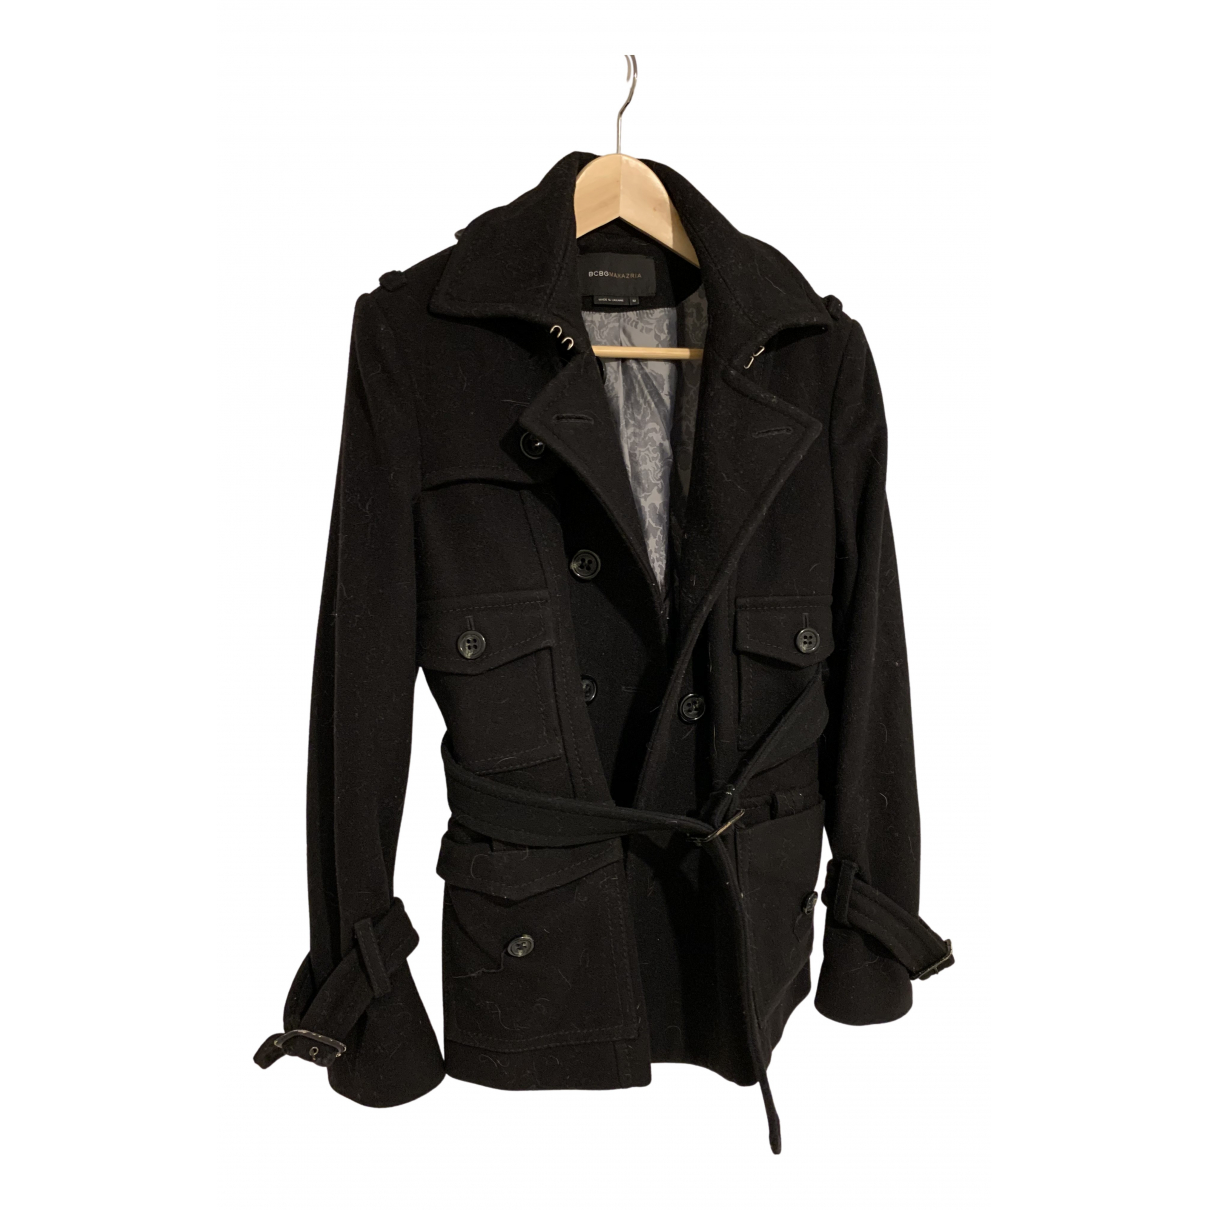 Bcbg Max Azria - Manteau   pour femme en laine - noir